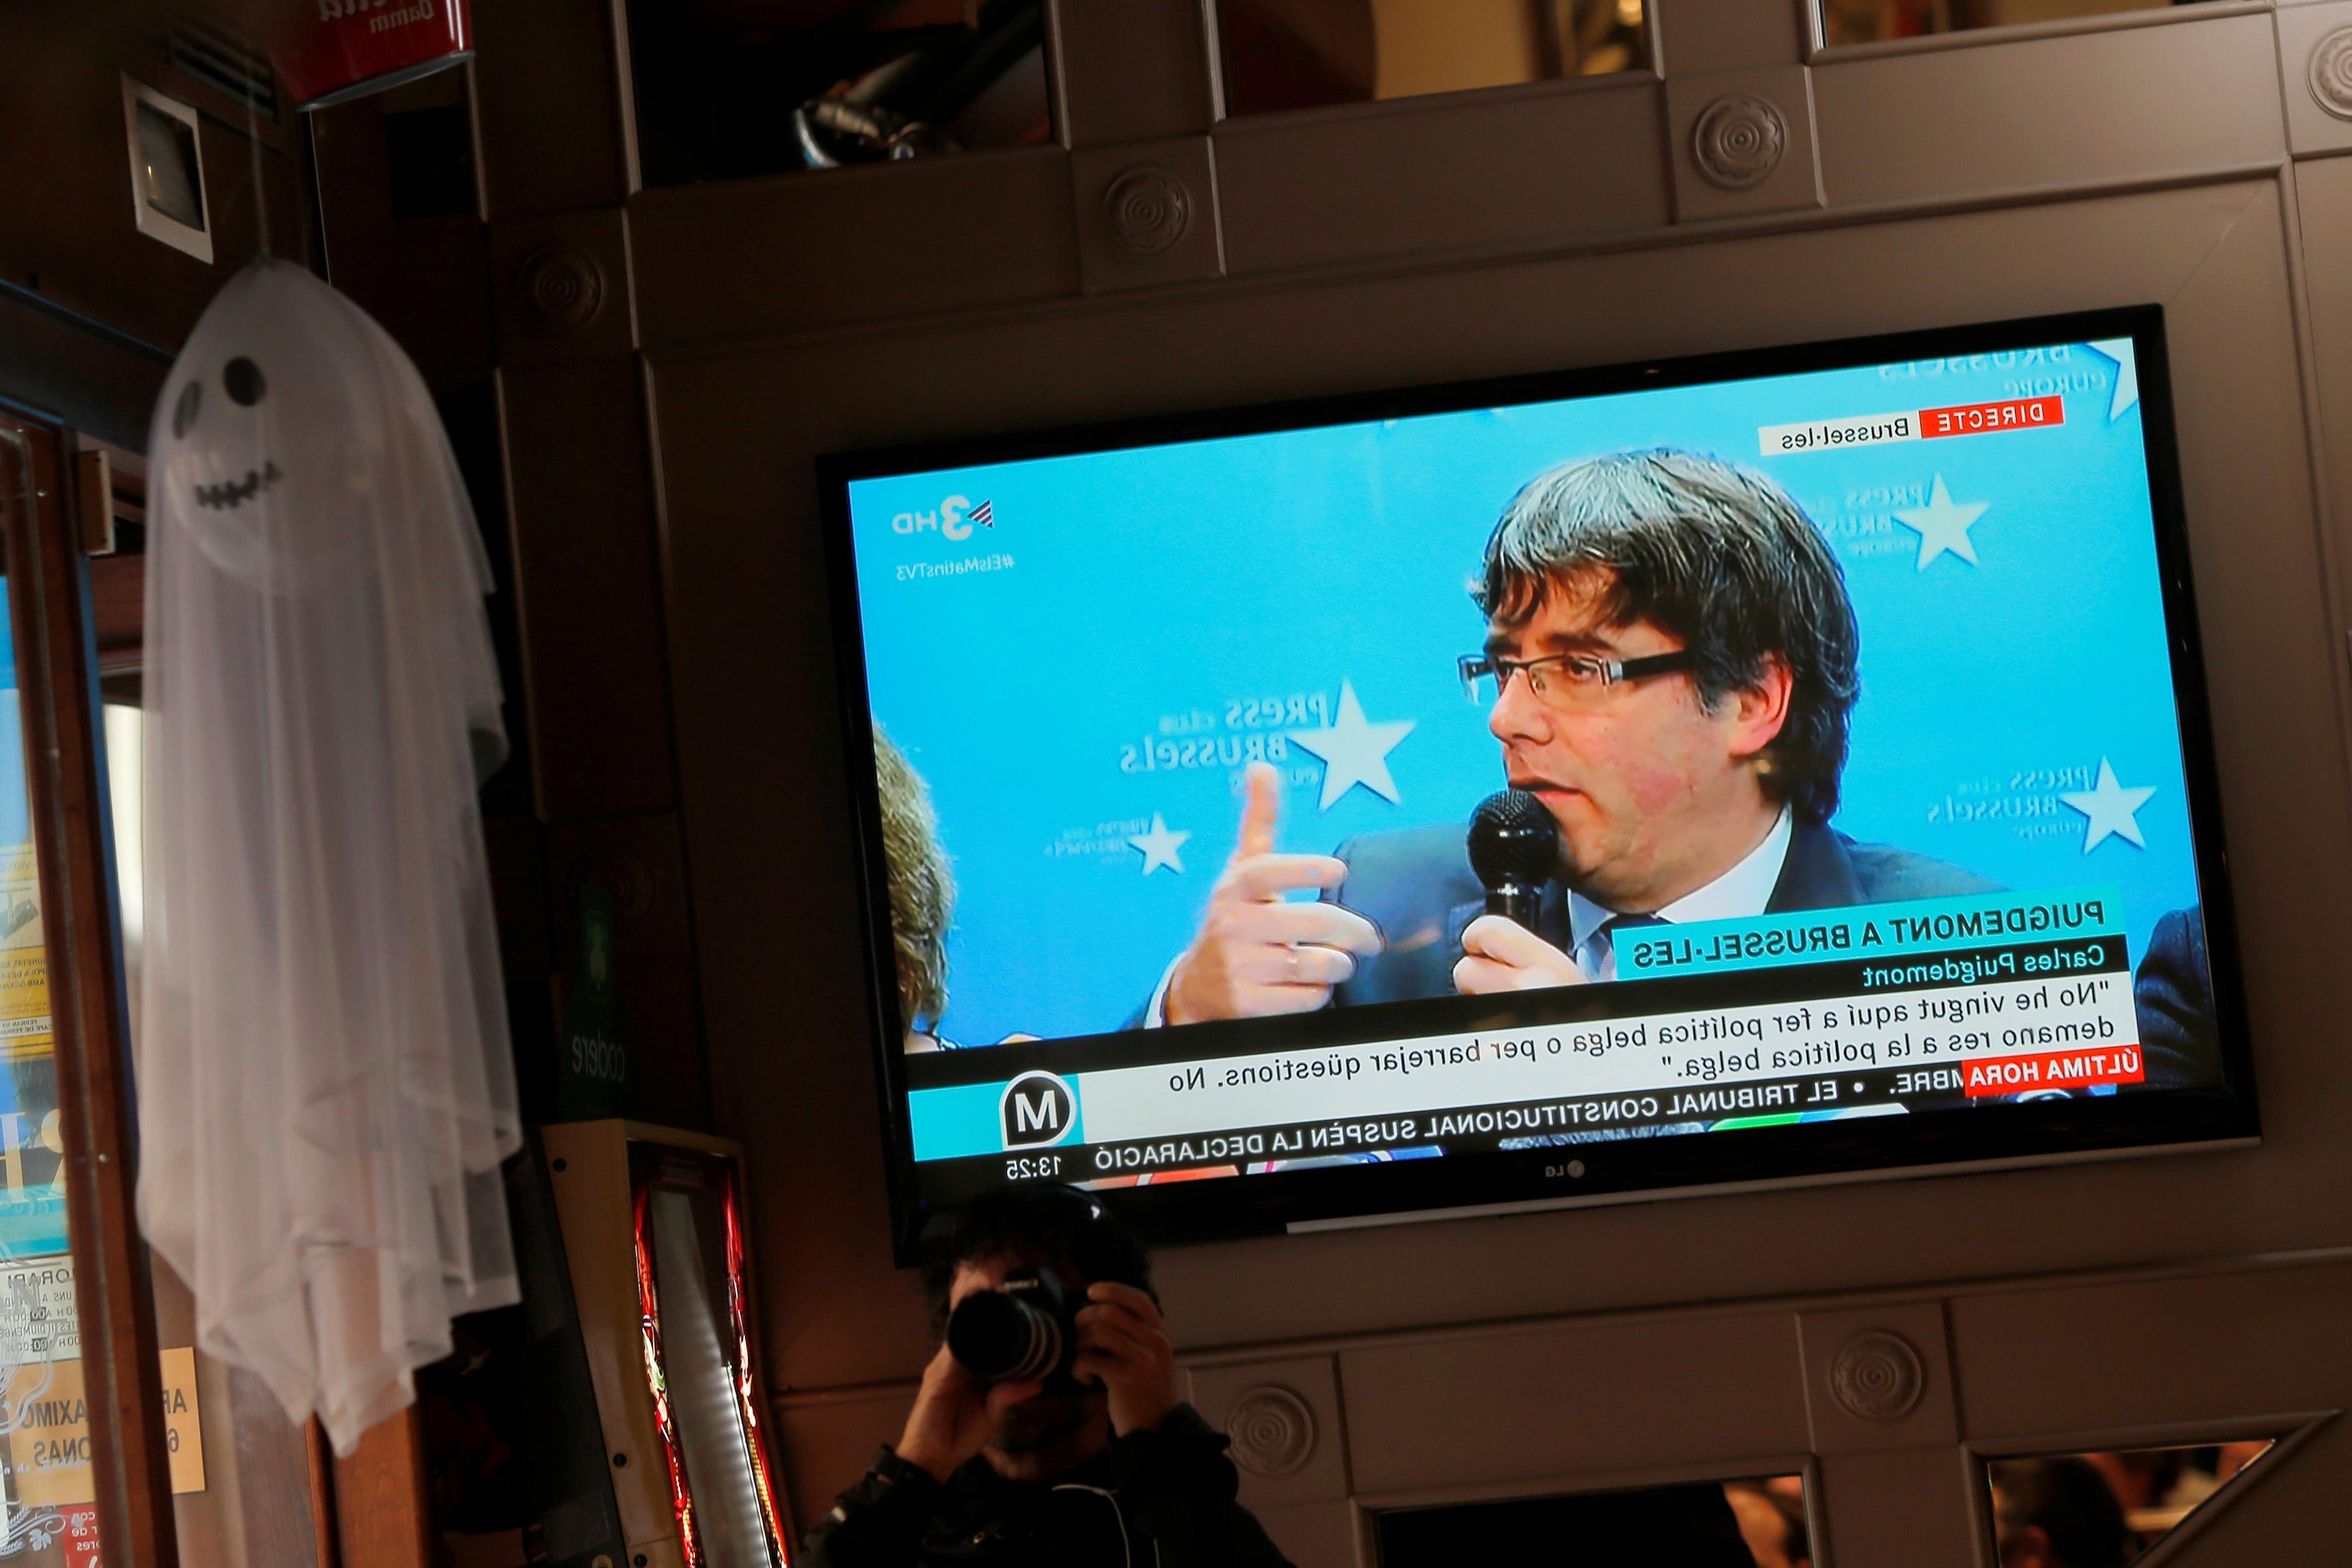 هیچ چابهار - تبعید بلژیکی رهبر کاتالان